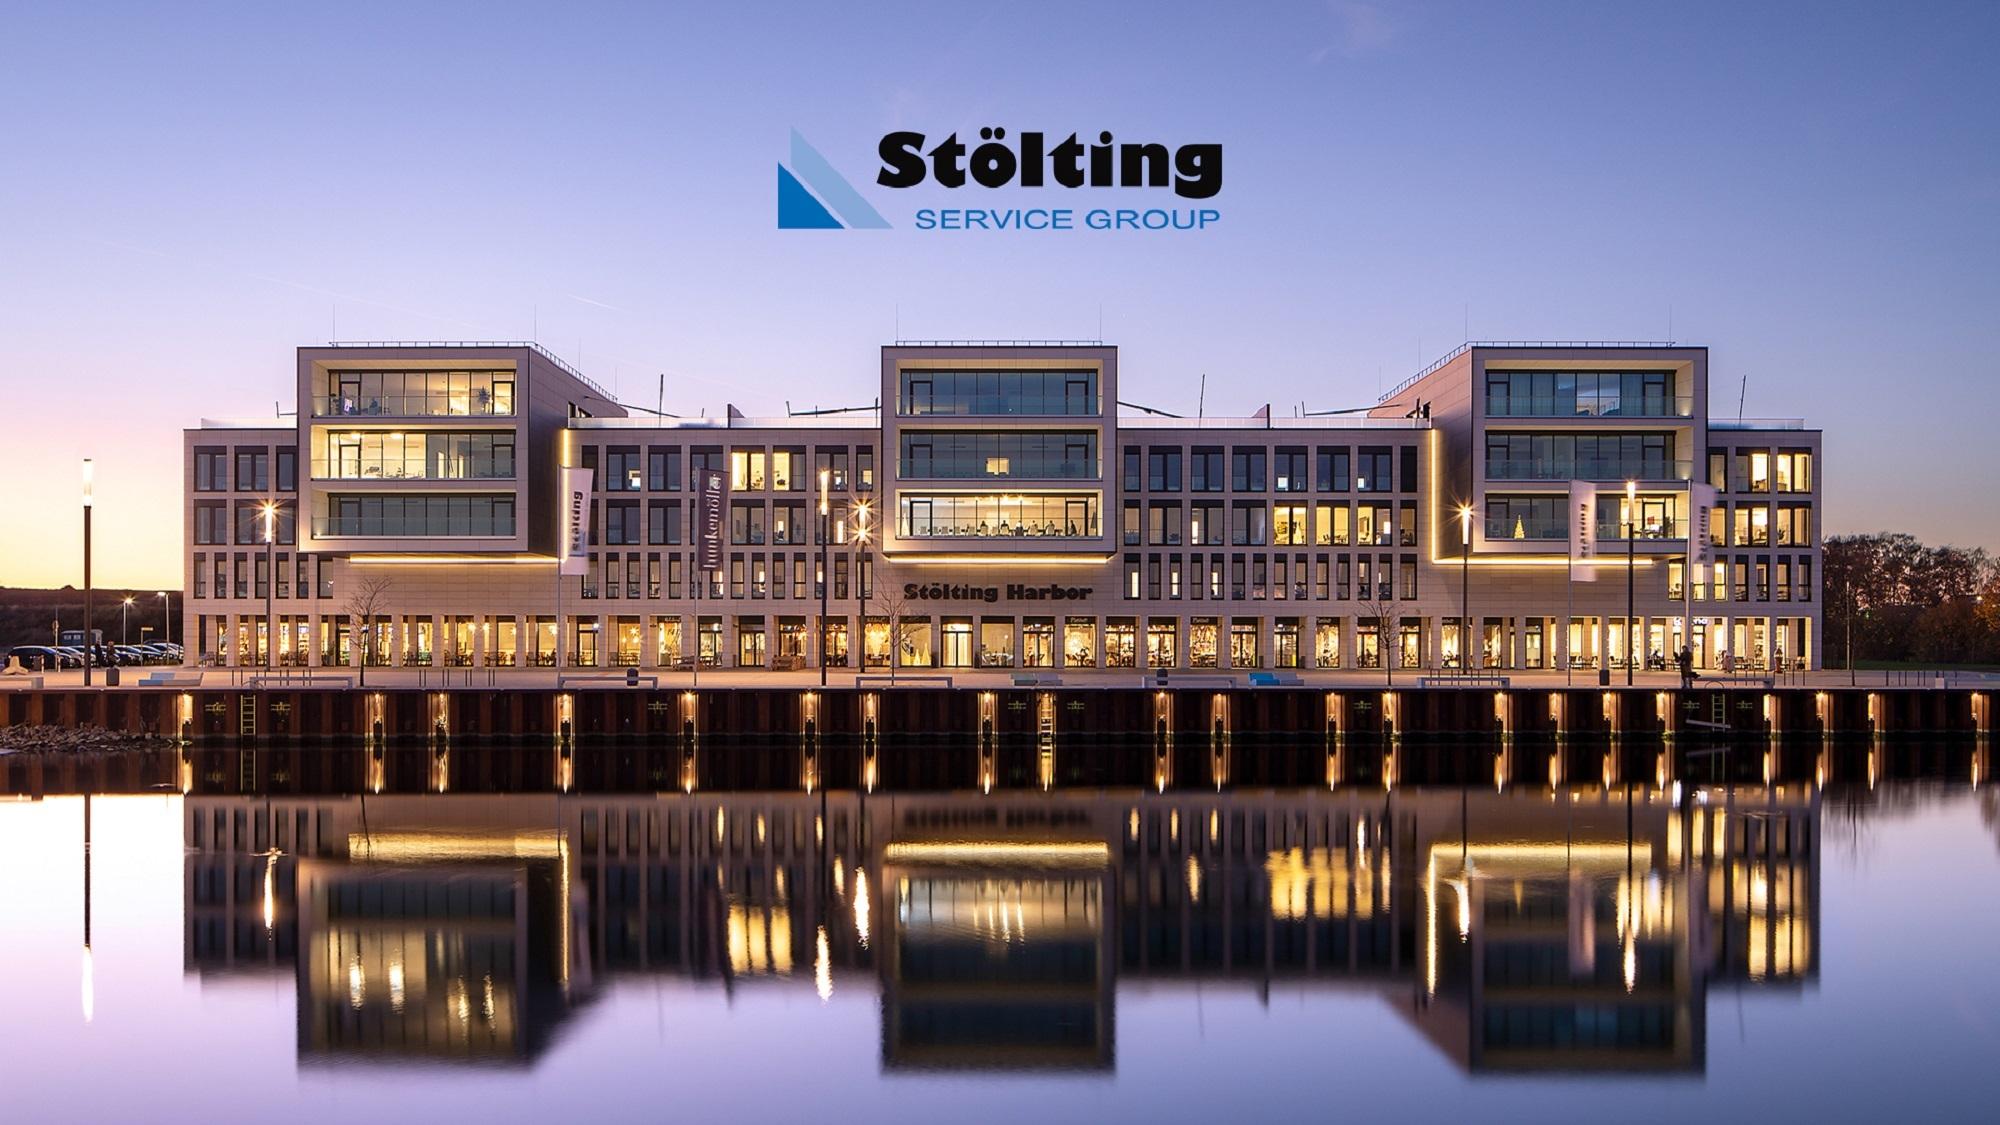 Stoelting-Service-Group.jpg